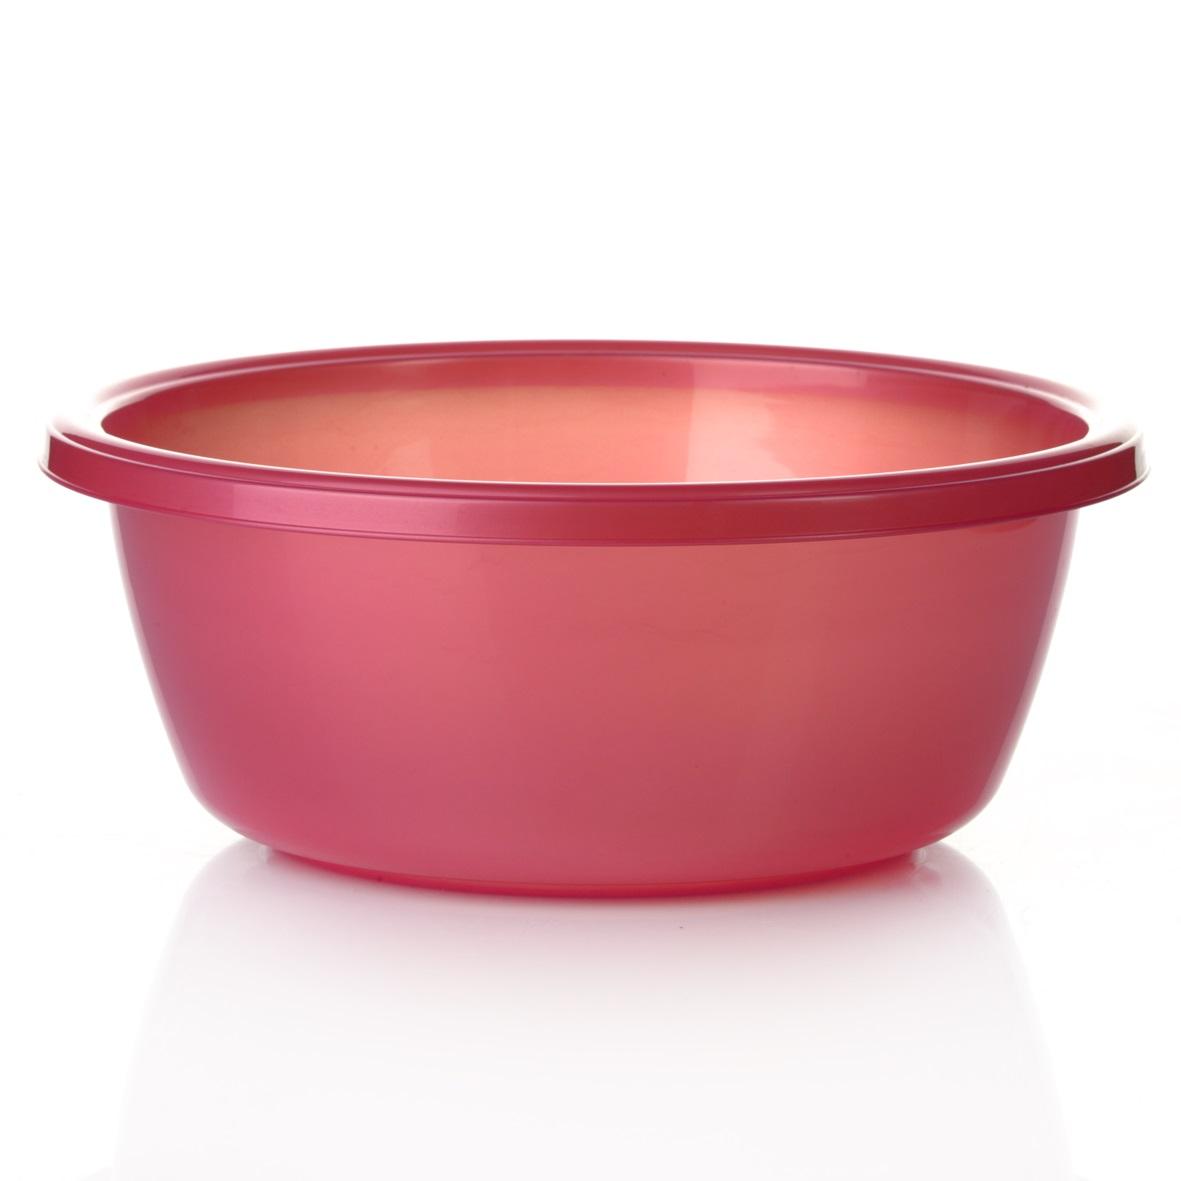 Миска Dunya Plastik, цвет розовый, 2,7 л10323Миска Dunya Plastik изготовлена из пластика, имеет круглую форму. Такая миска прекрасно подойдет для хранения различных бытовых предметов, пищевых продуктов и другое. Объем: 2,7 л. Диаметр: 24 см. Высота стенки: 9,5 см. УВАЖАЕМЫЕ КЛИЕНТЫ! Обращаем ваше внимание на ассортимент в цветовом дизайне товара. Поставка осуществляется в зависимости от наличия на складе.